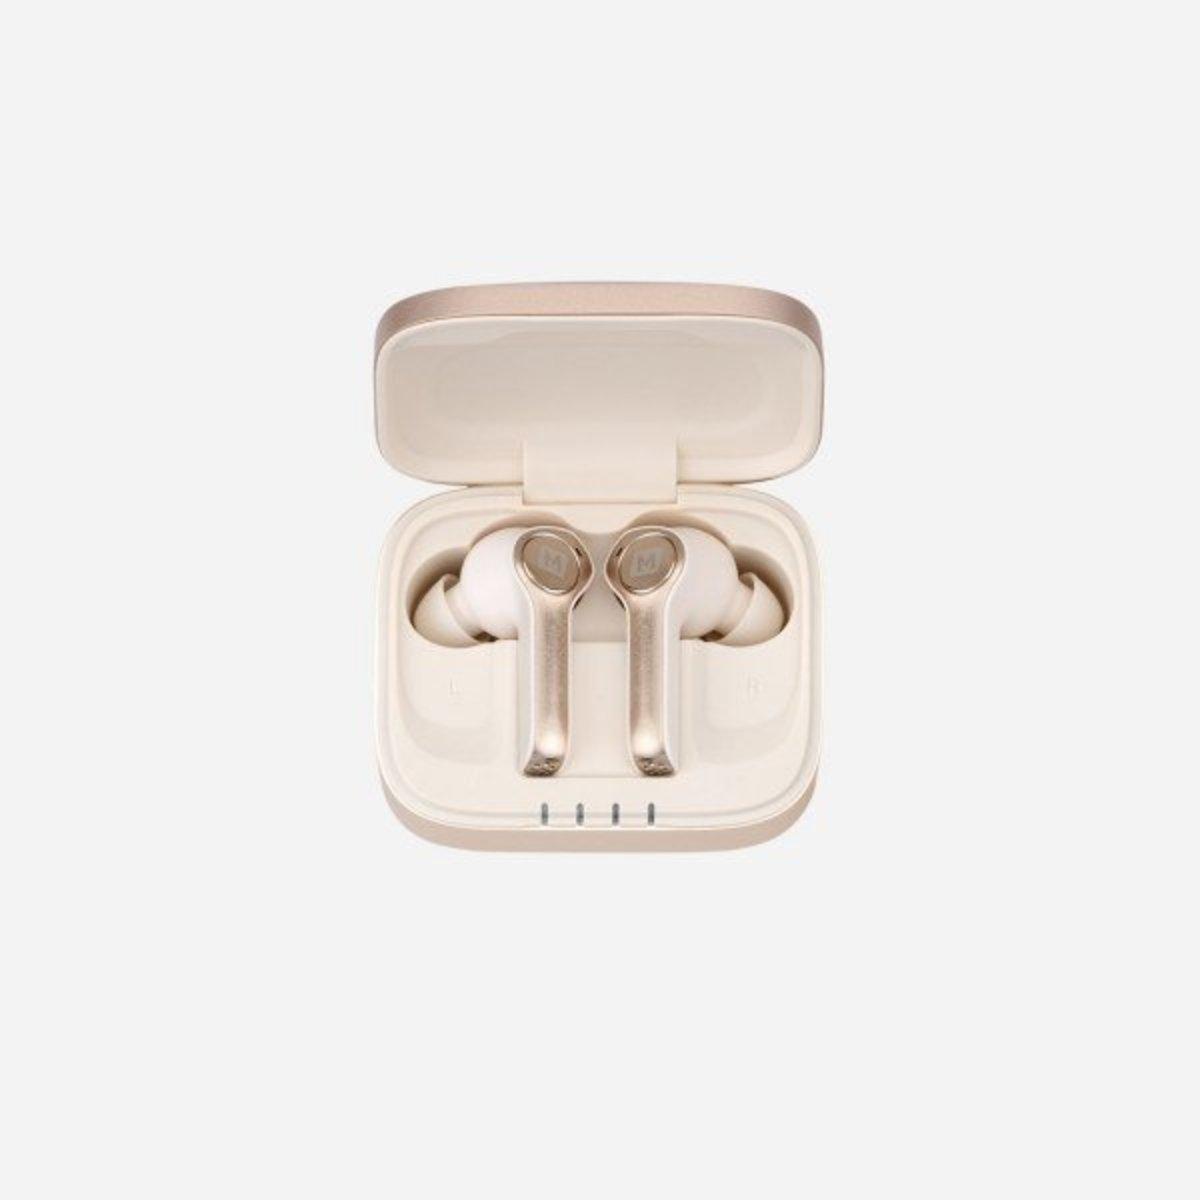 Spark 真無線藍牙耳機及充電盒 BT5 (金色)